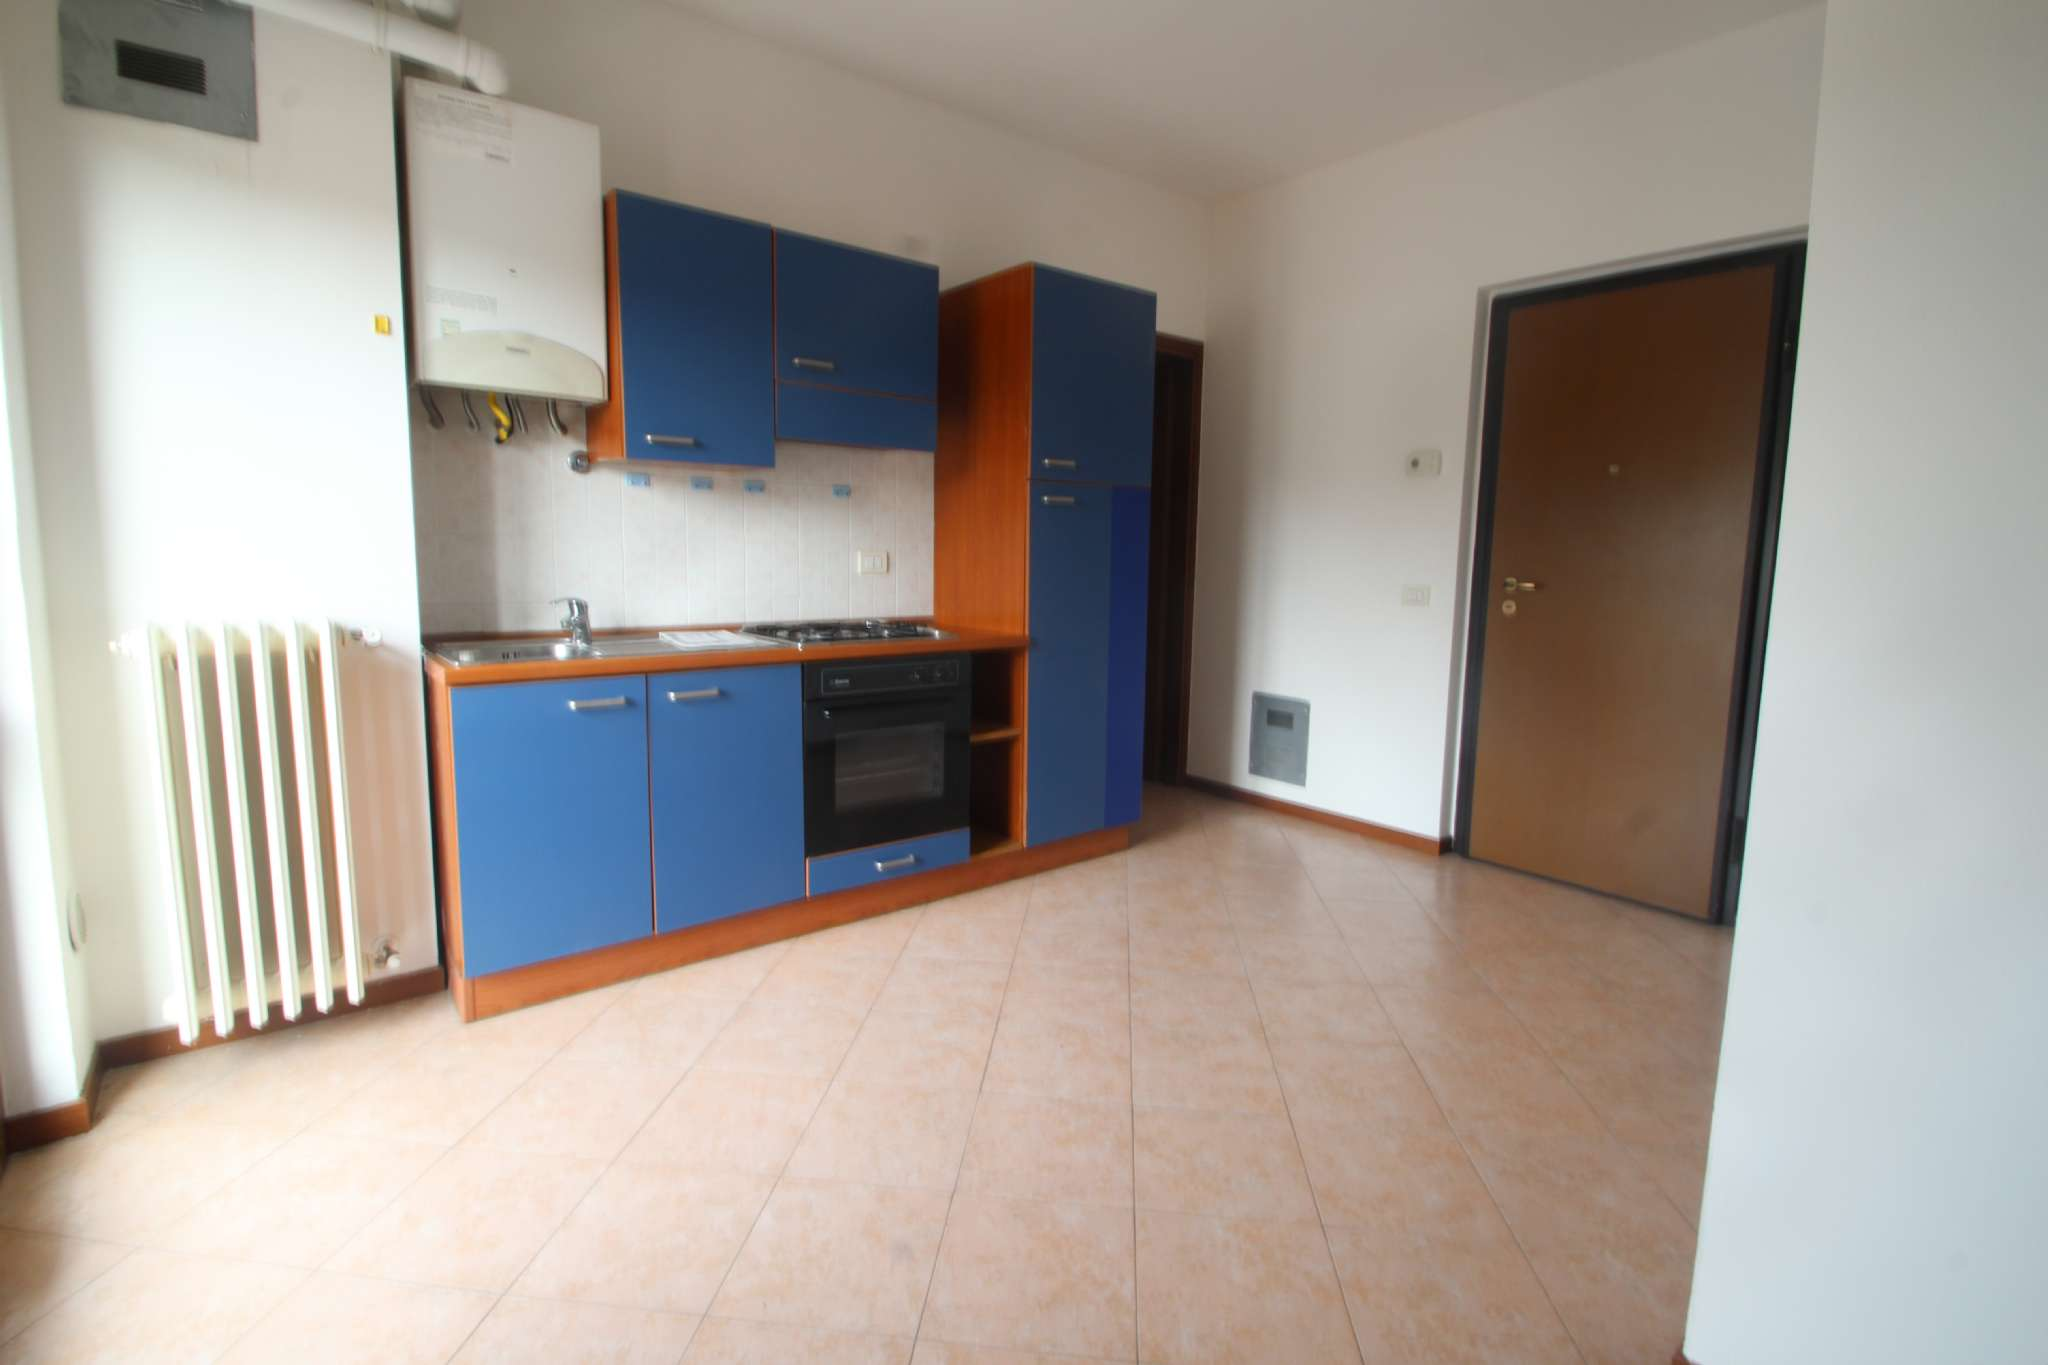 Appartamento in vendita a Palazzago, 2 locali, prezzo € 45.000 | CambioCasa.it